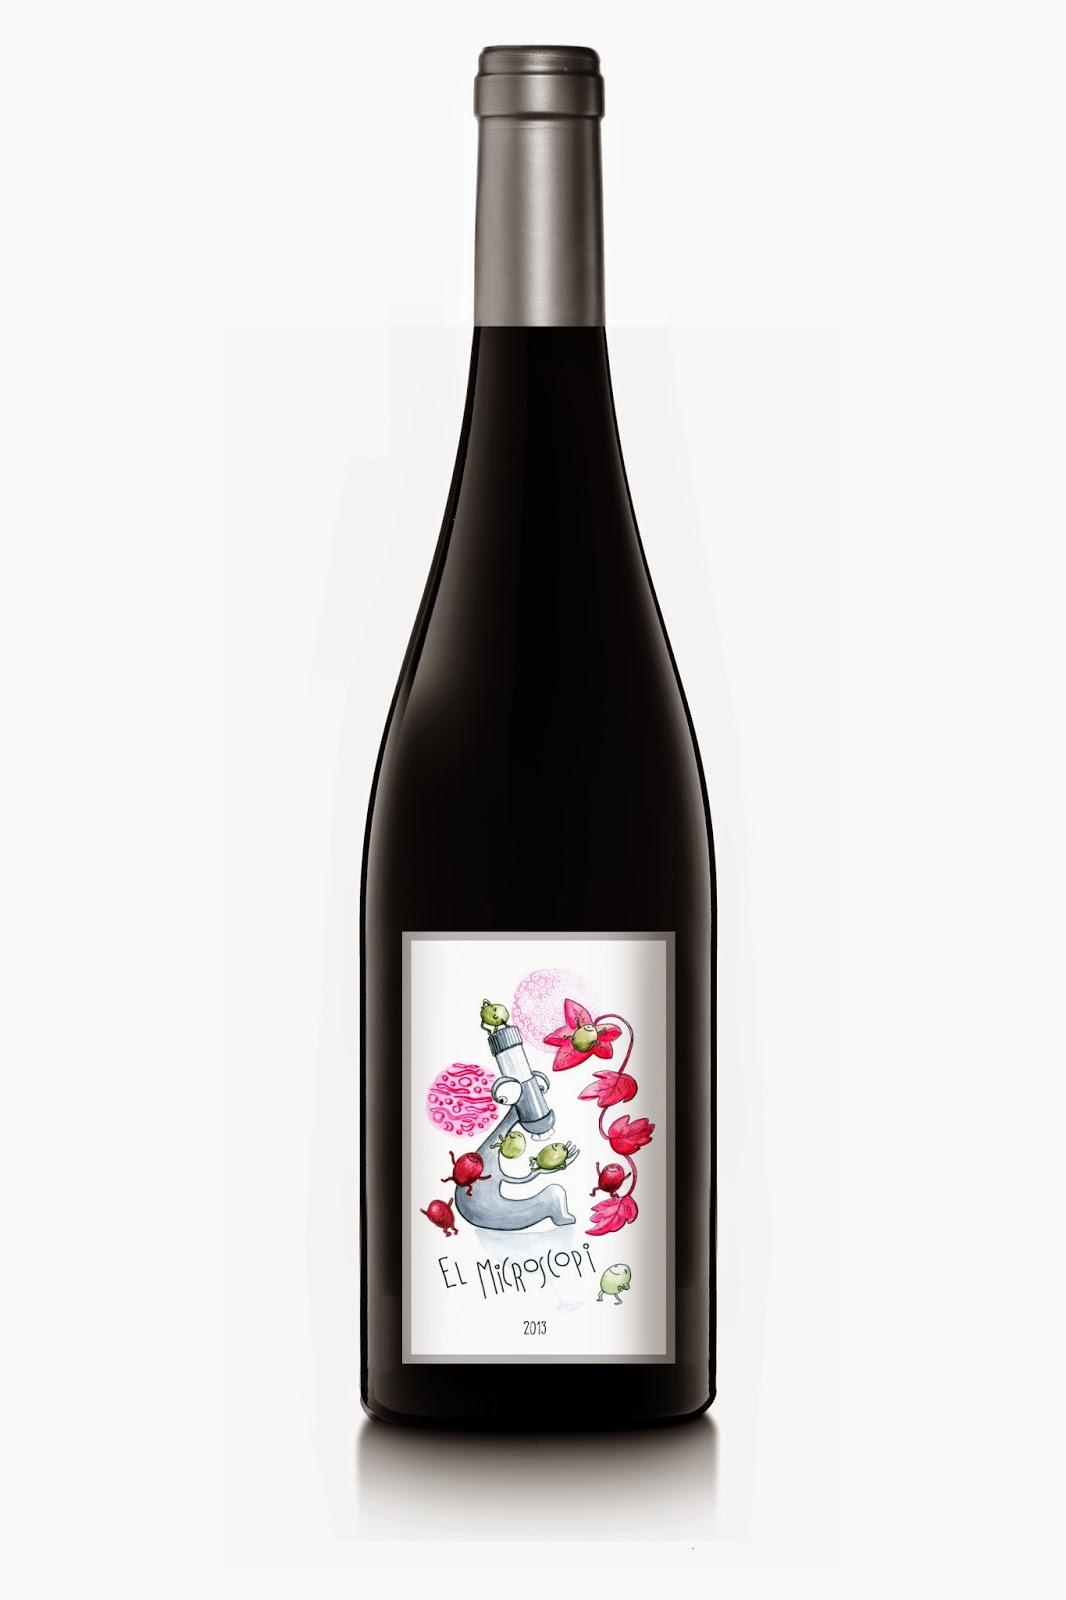 Microscopi 2013: El vino que quiere curar (Nota de prensa)